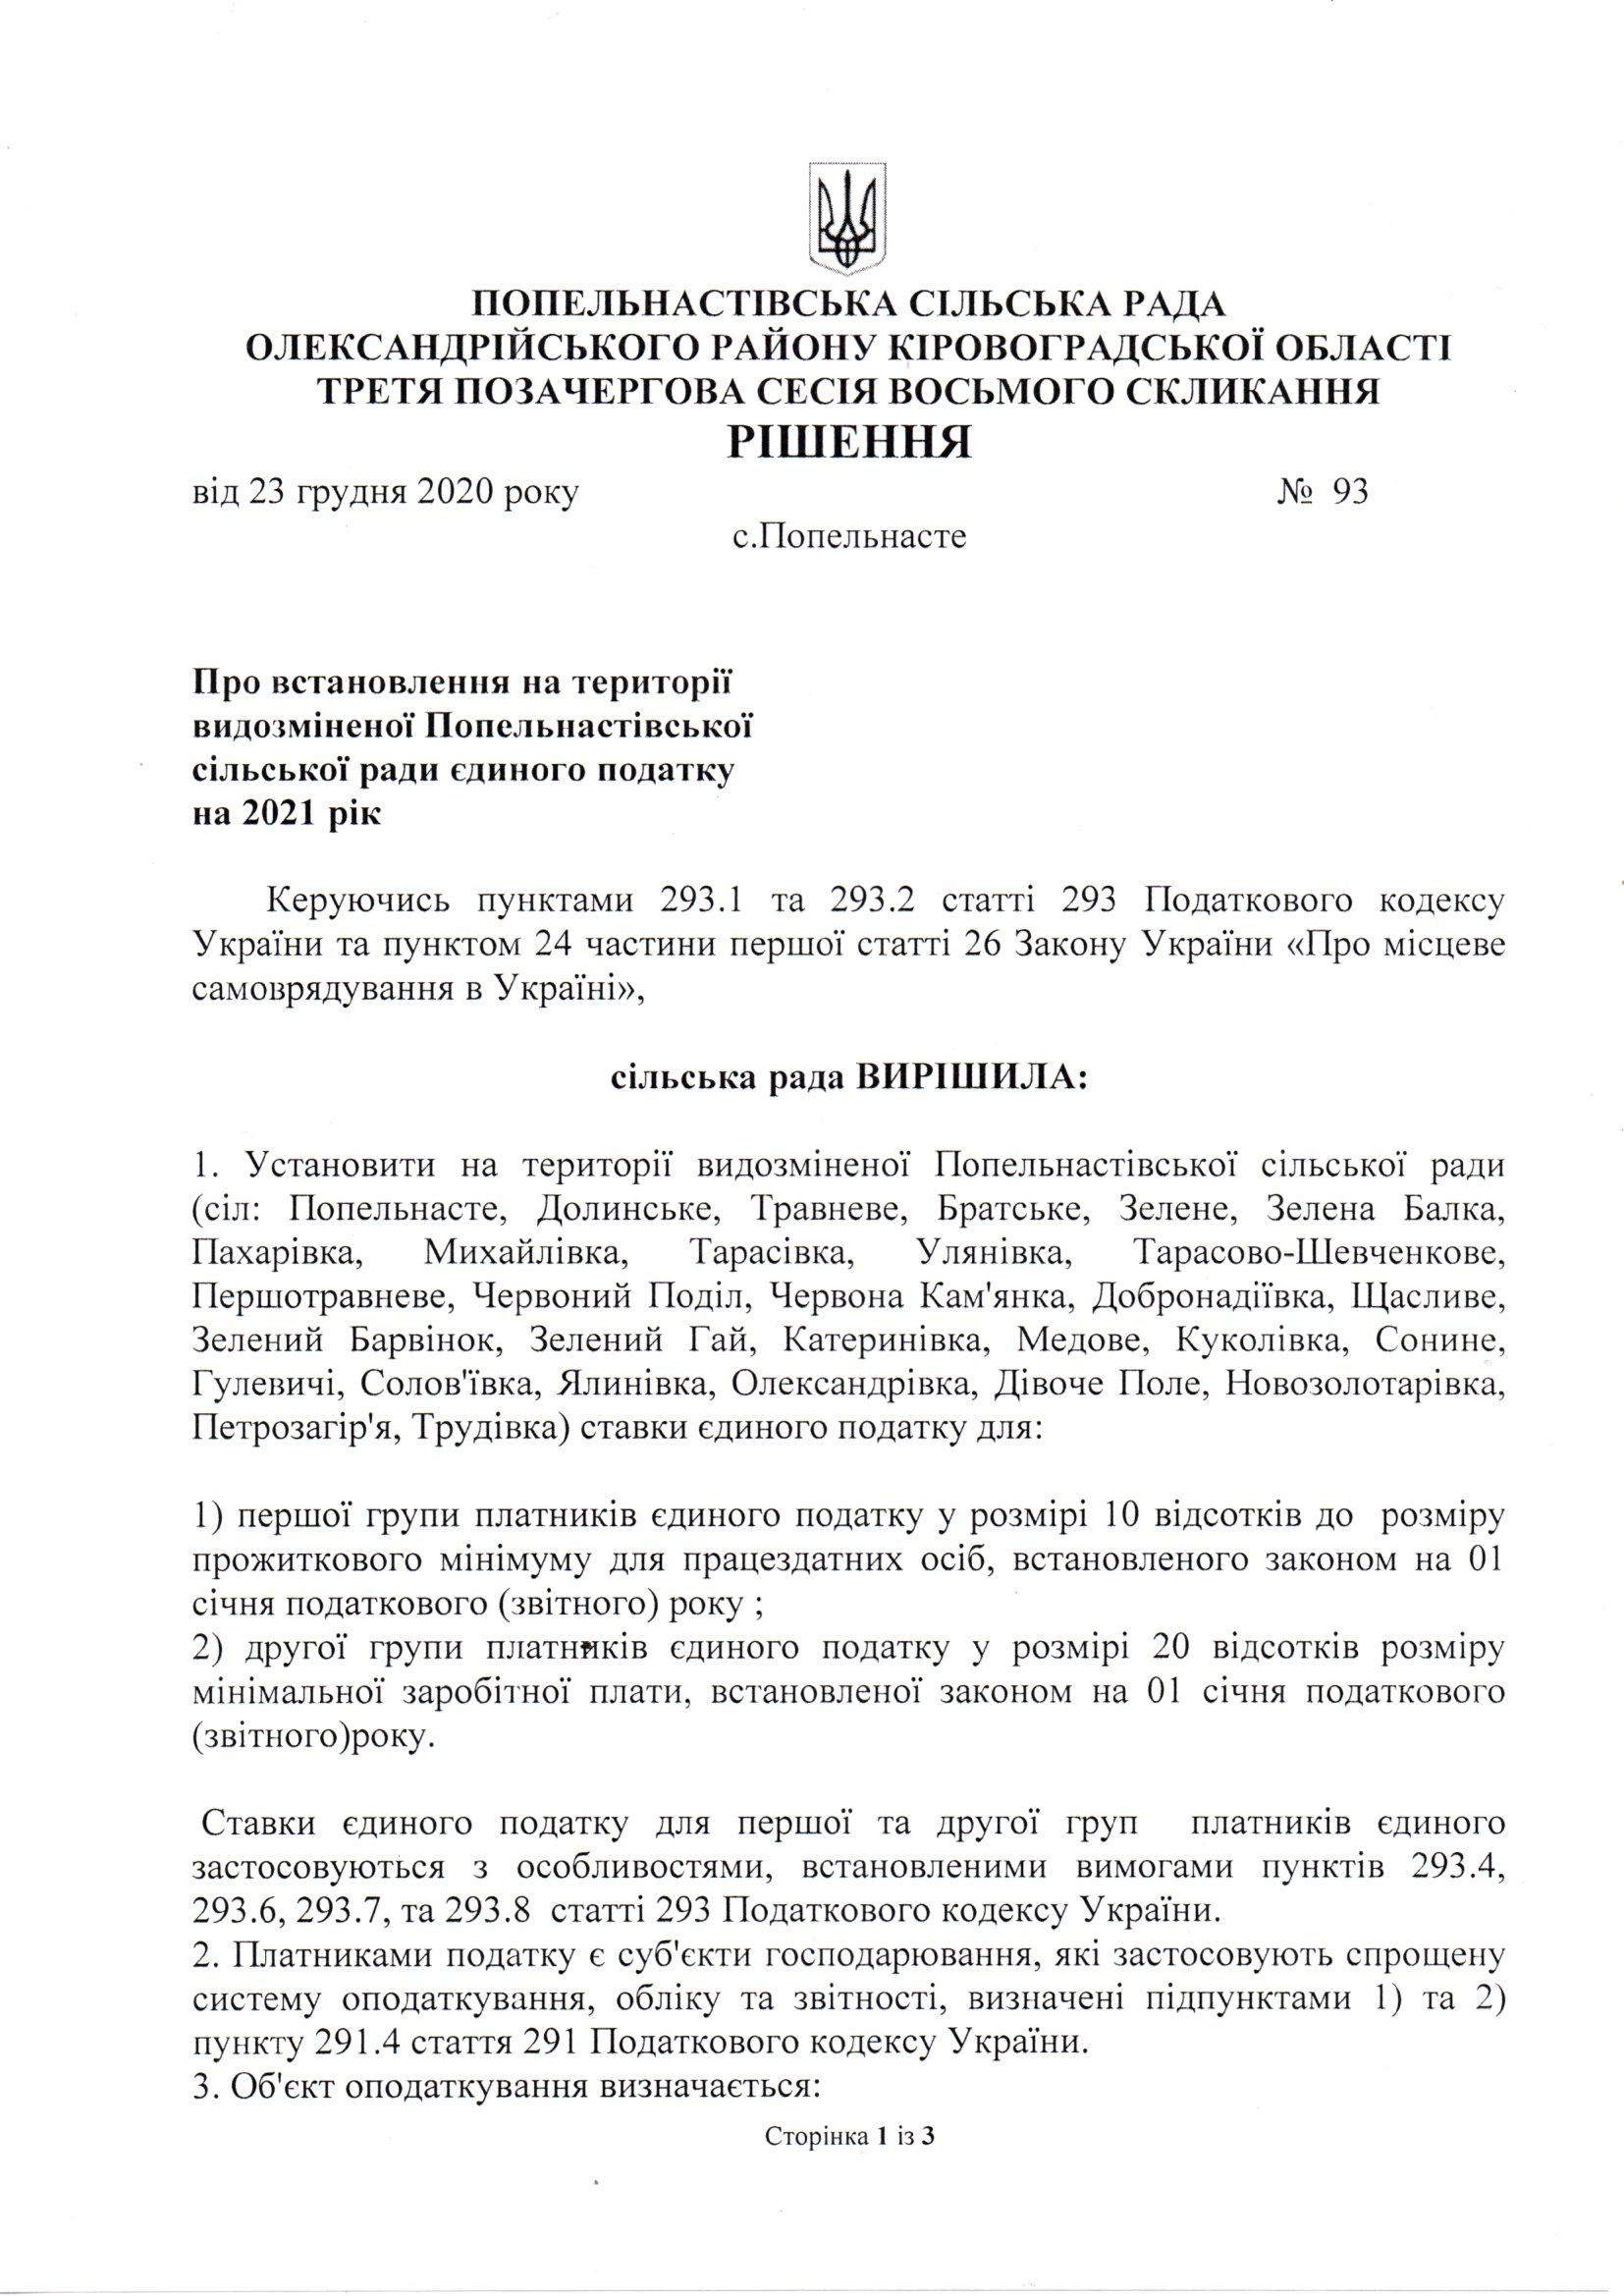 Рішення третьої позачергової сесії восьмого скликання № 93 від 23 грудня